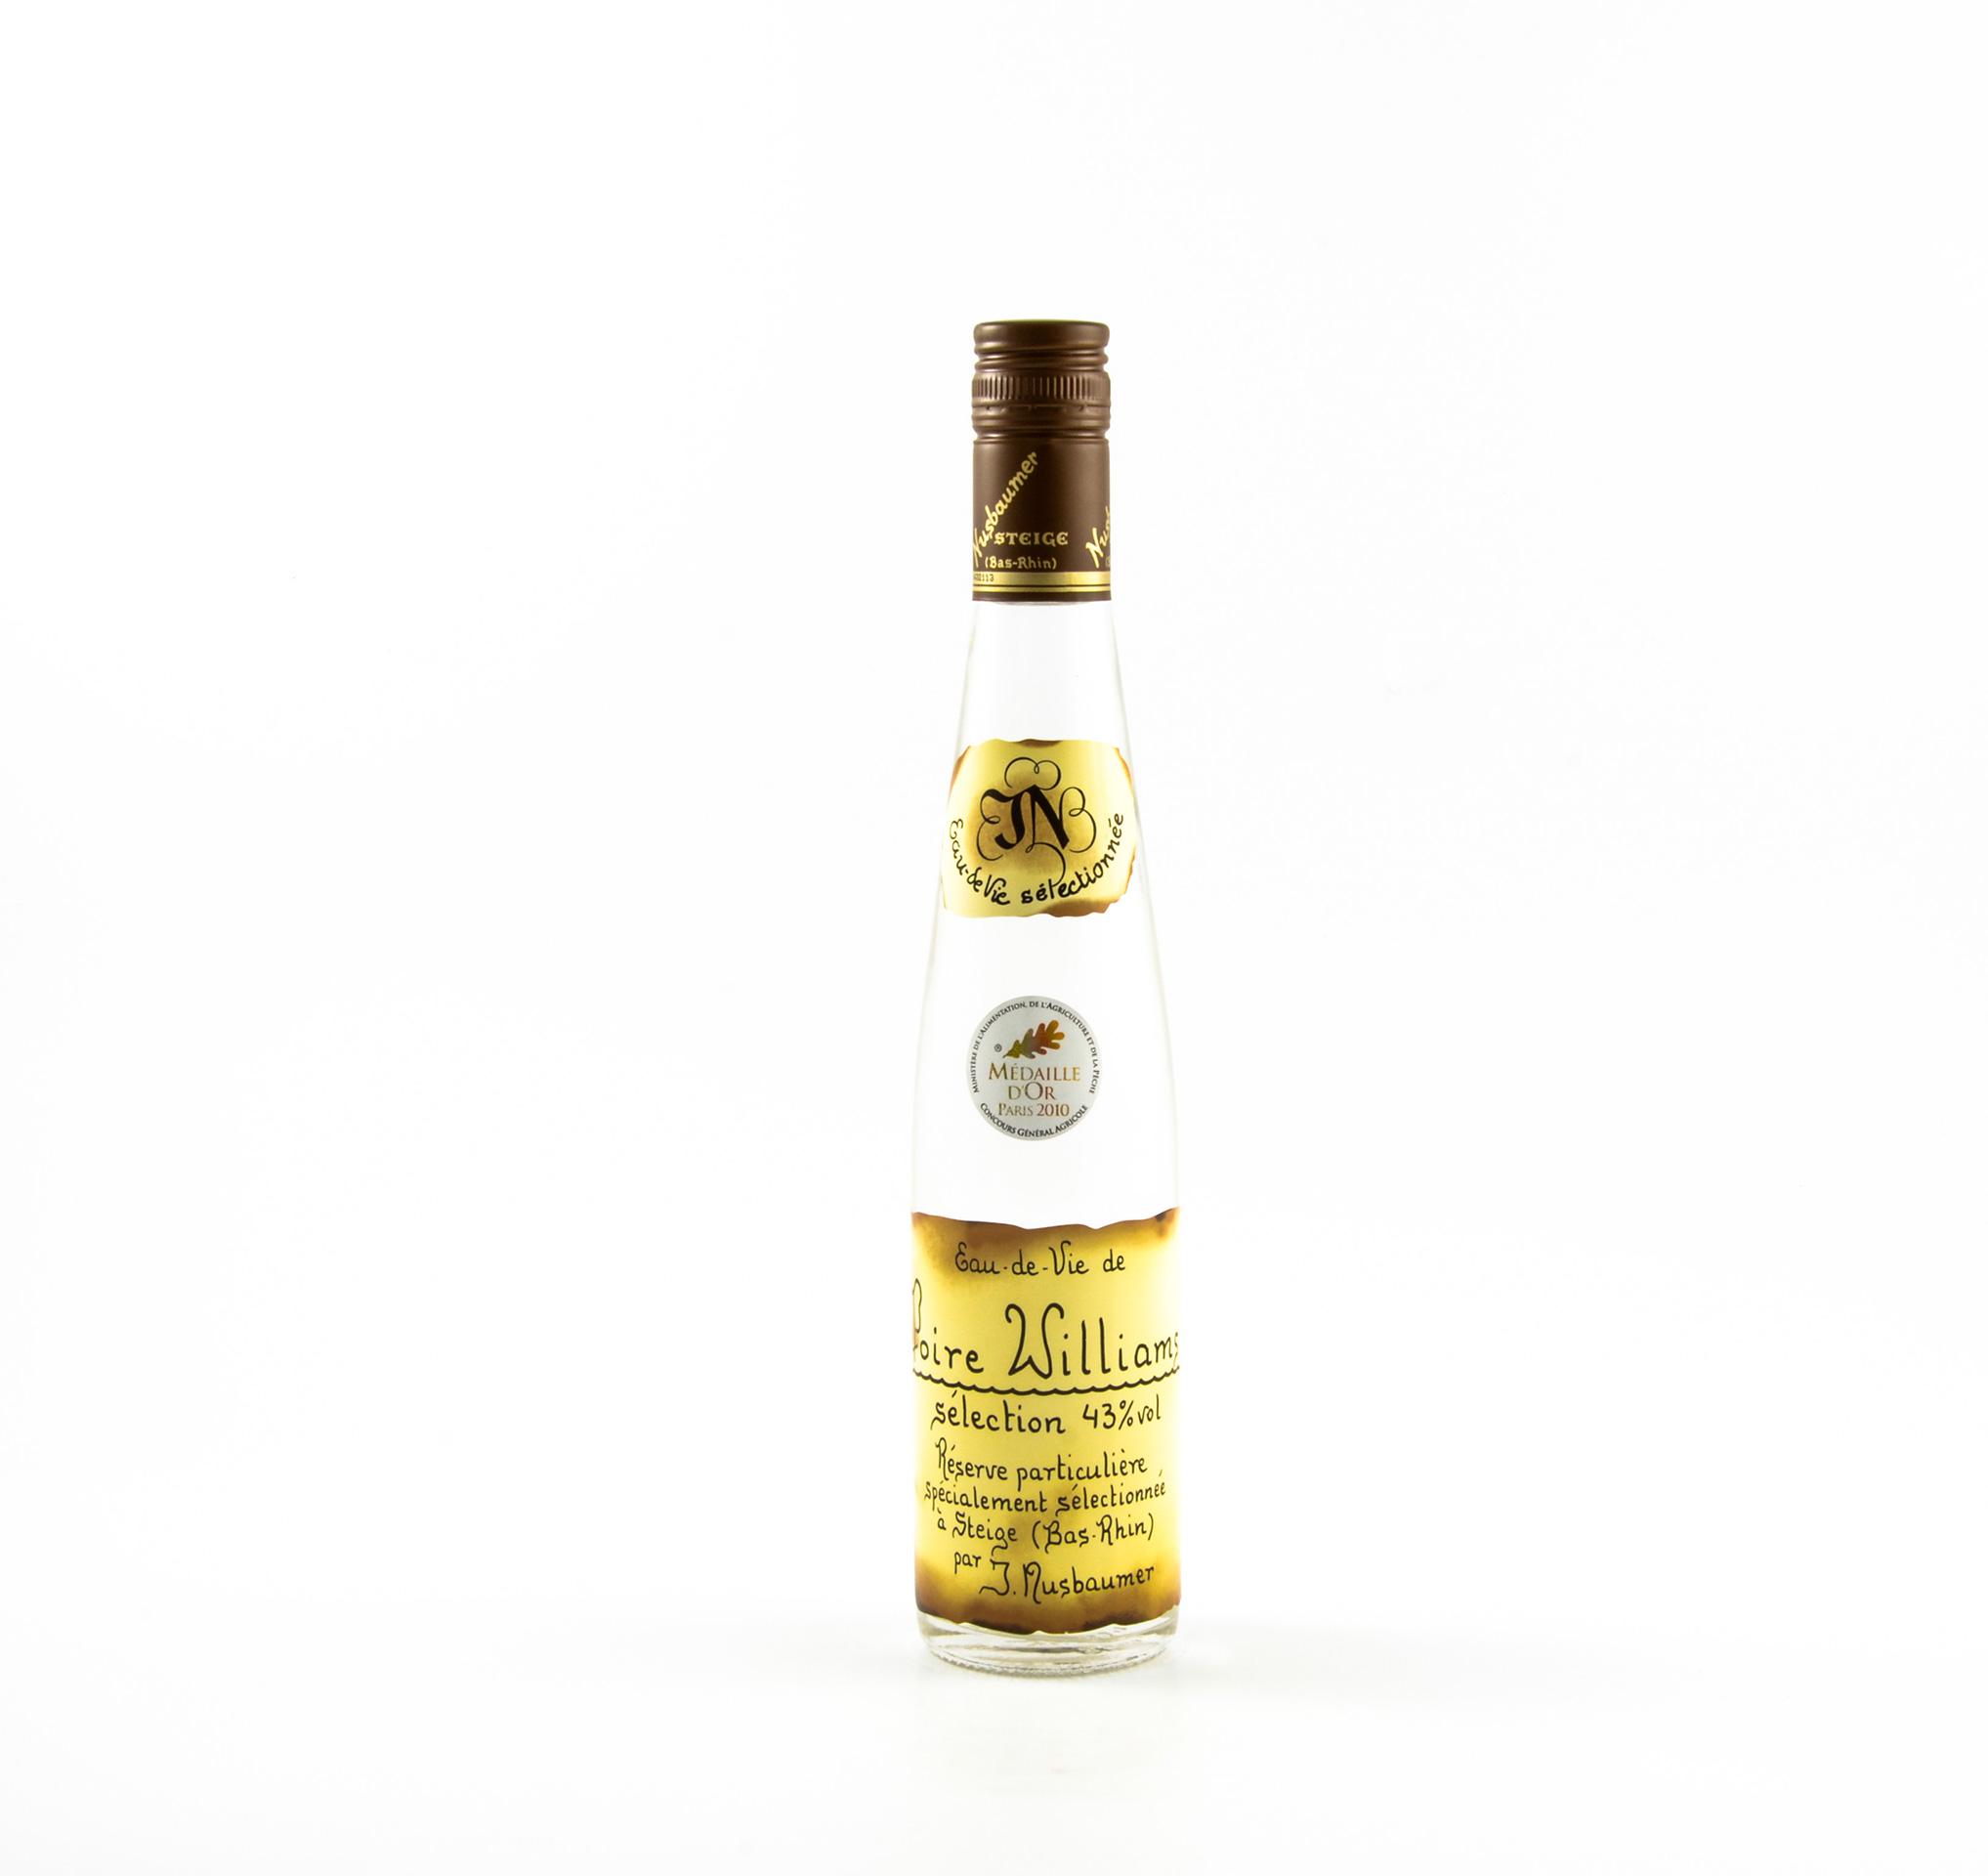 Eau de vie de poire williams s lection nusbaumer maison for Alcool de poire maison